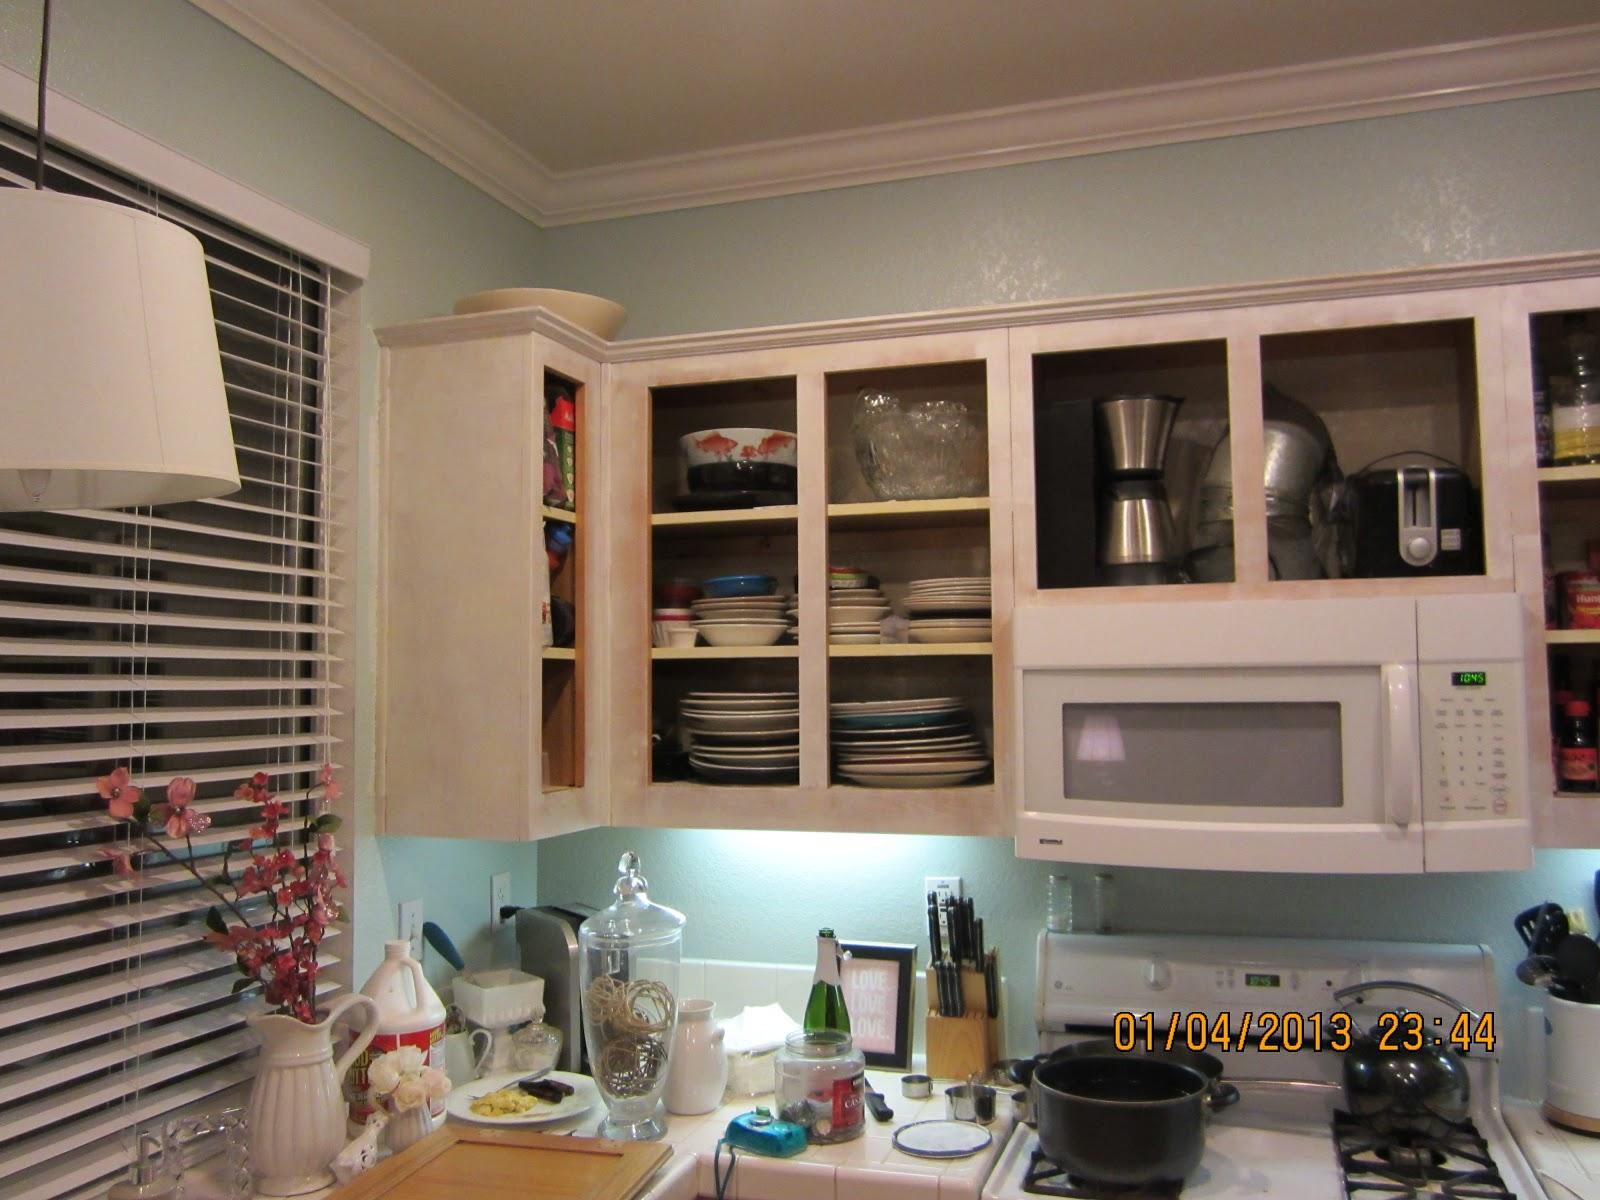 Best Paint for Oak Kitchen Cabinets